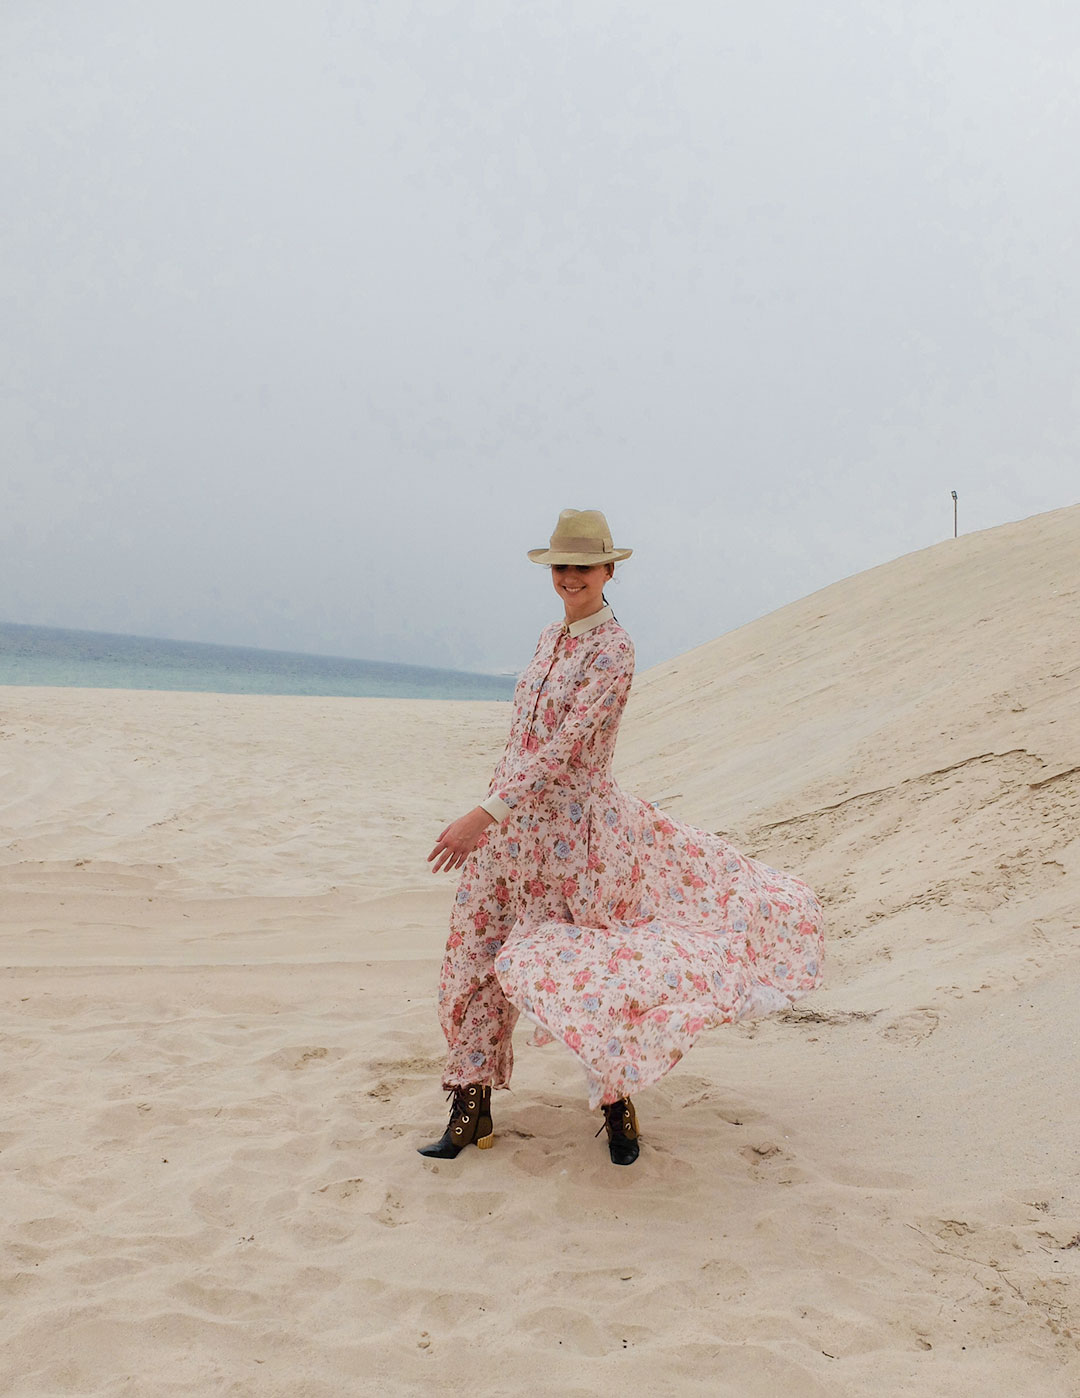 la-reina-del-desierto-mitmeblog-06